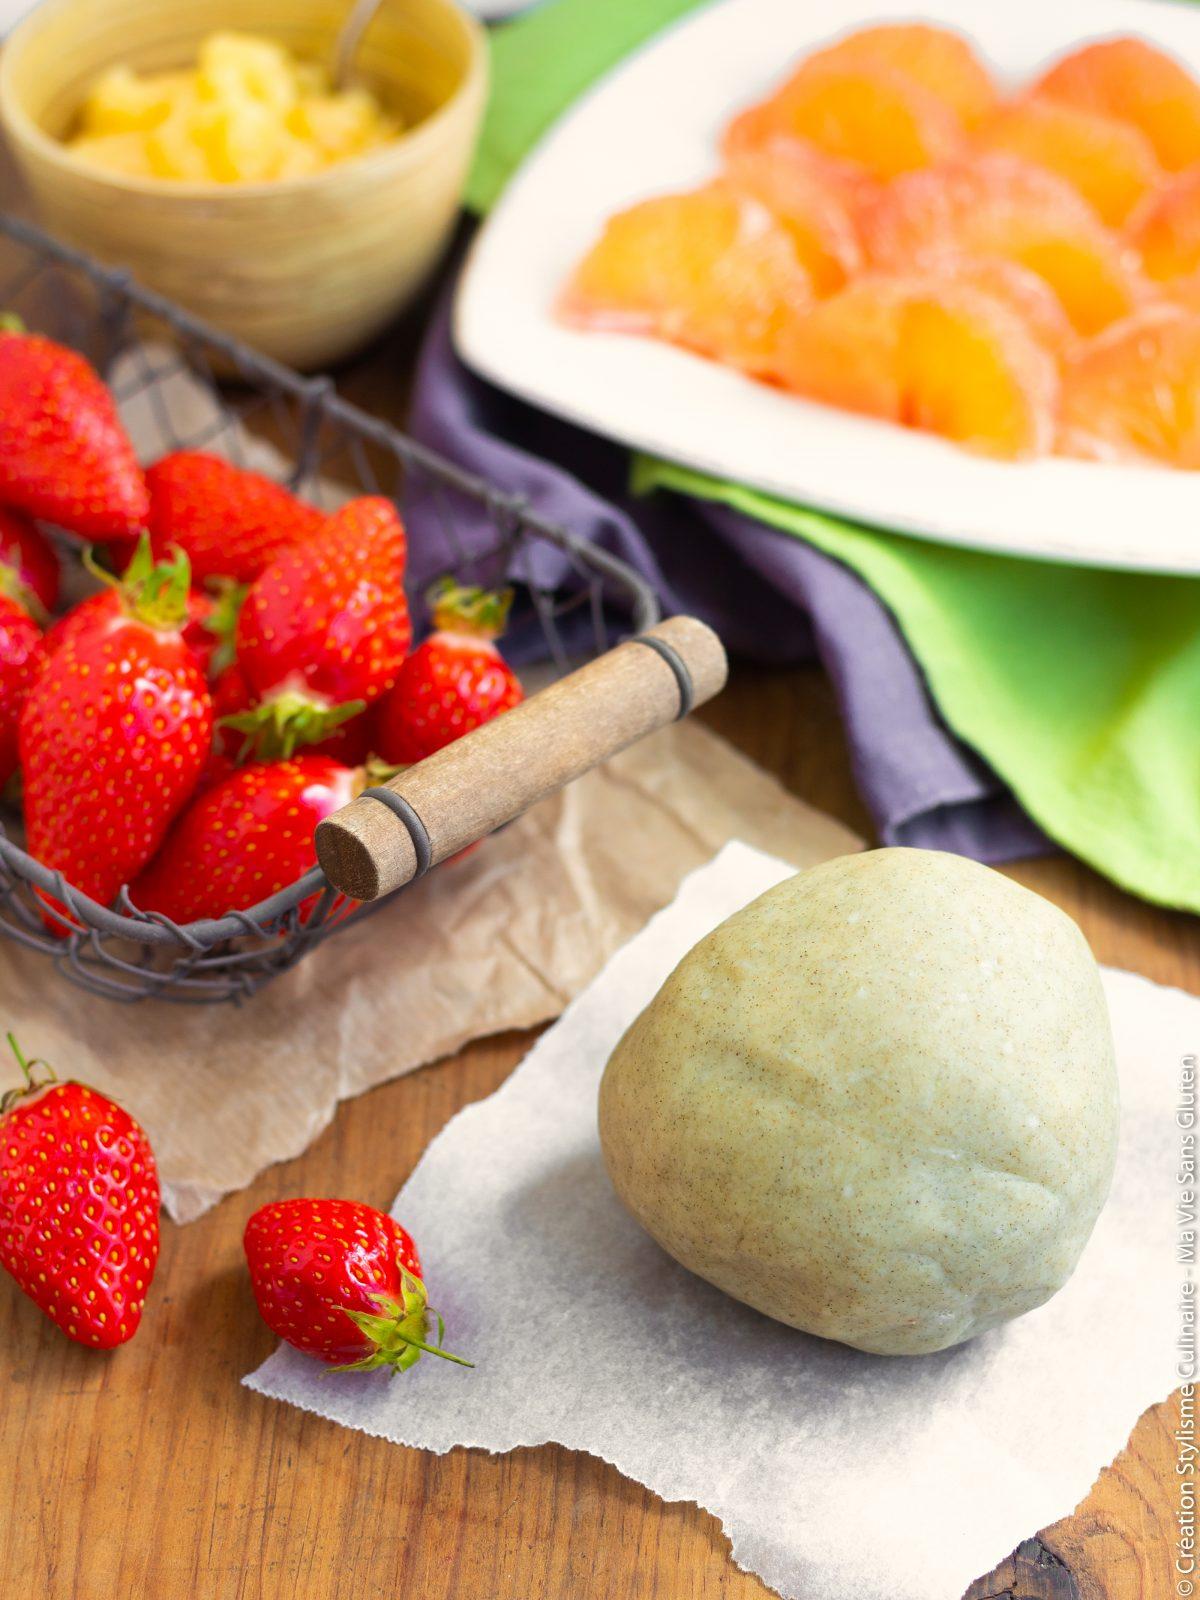 Tous les ingrédients de la tarte fraise pamplemousse